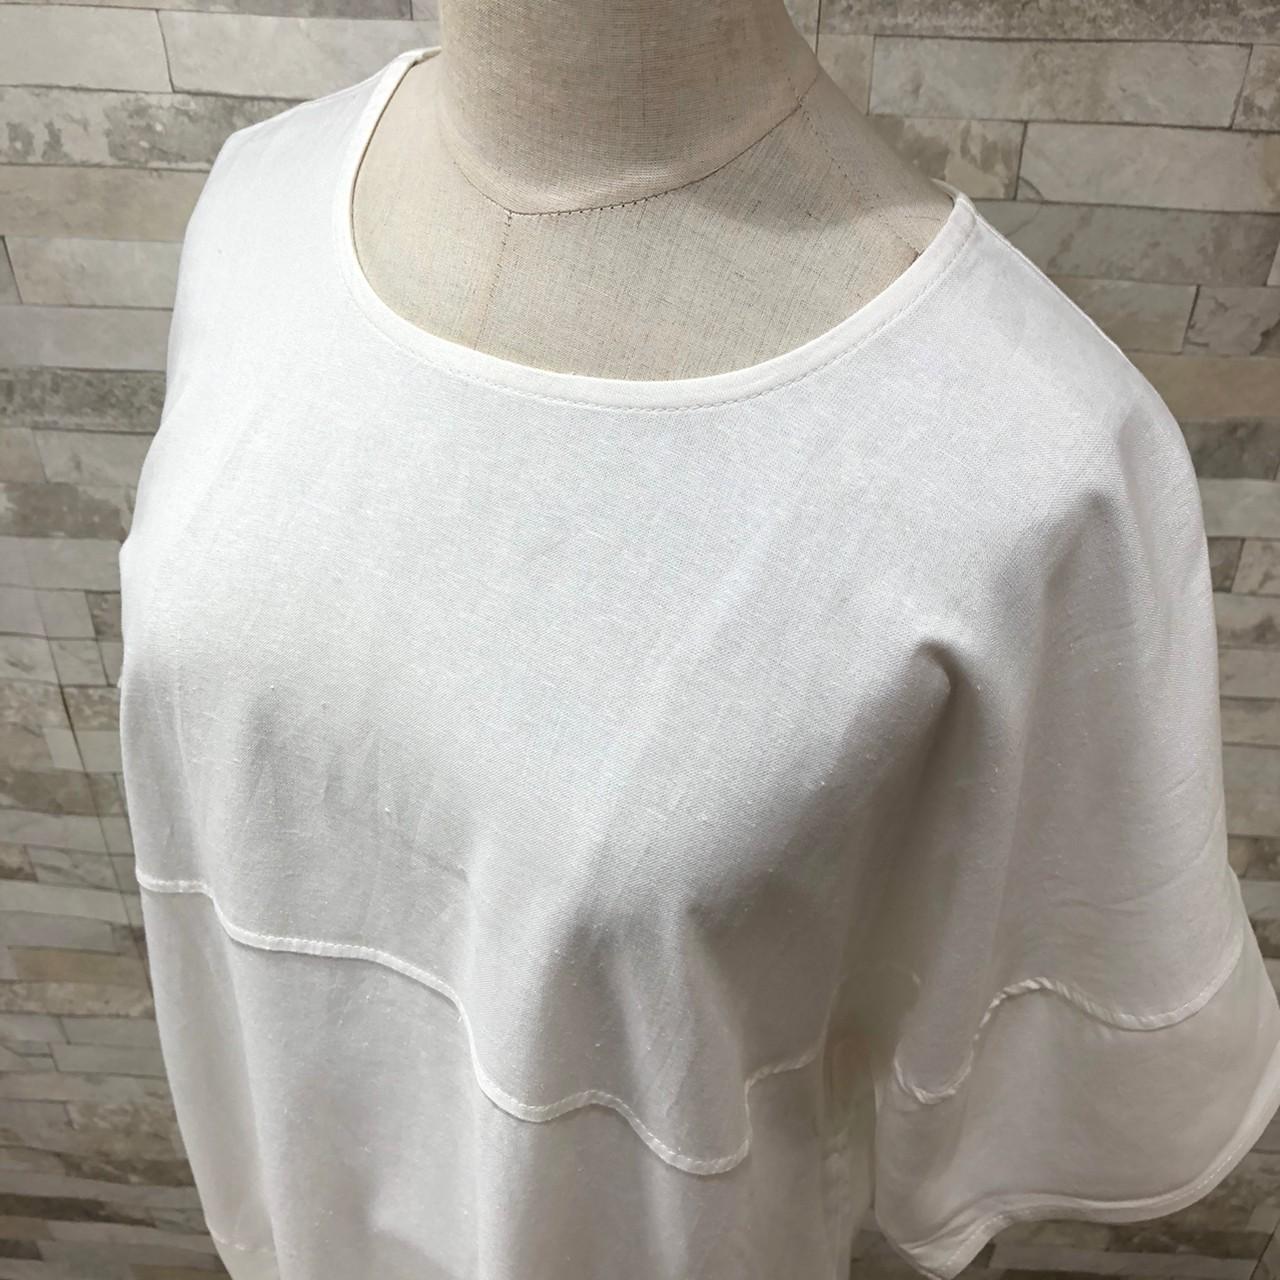 韓国 ファッション ワンピース 春 夏 カジュアル PTXI416  袖コンシャス ゆったり 体型カバー ラフ オルチャン シンプル 定番 セレカジの写真19枚目